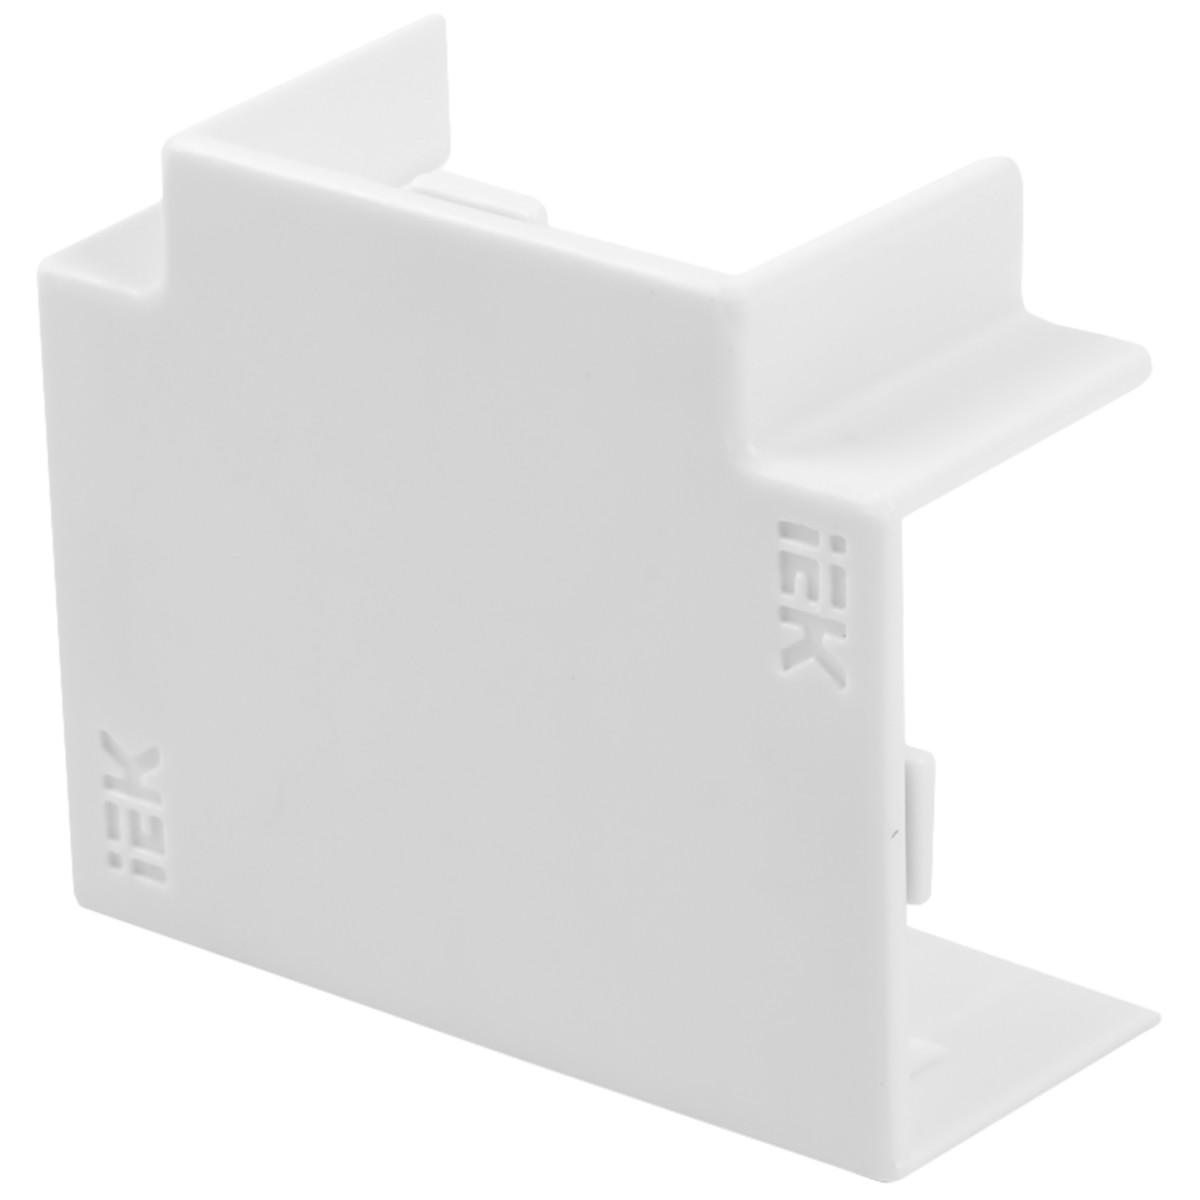 Угол Т-образный IEK КМТ 25/16 мм цвет белый 4 шт.